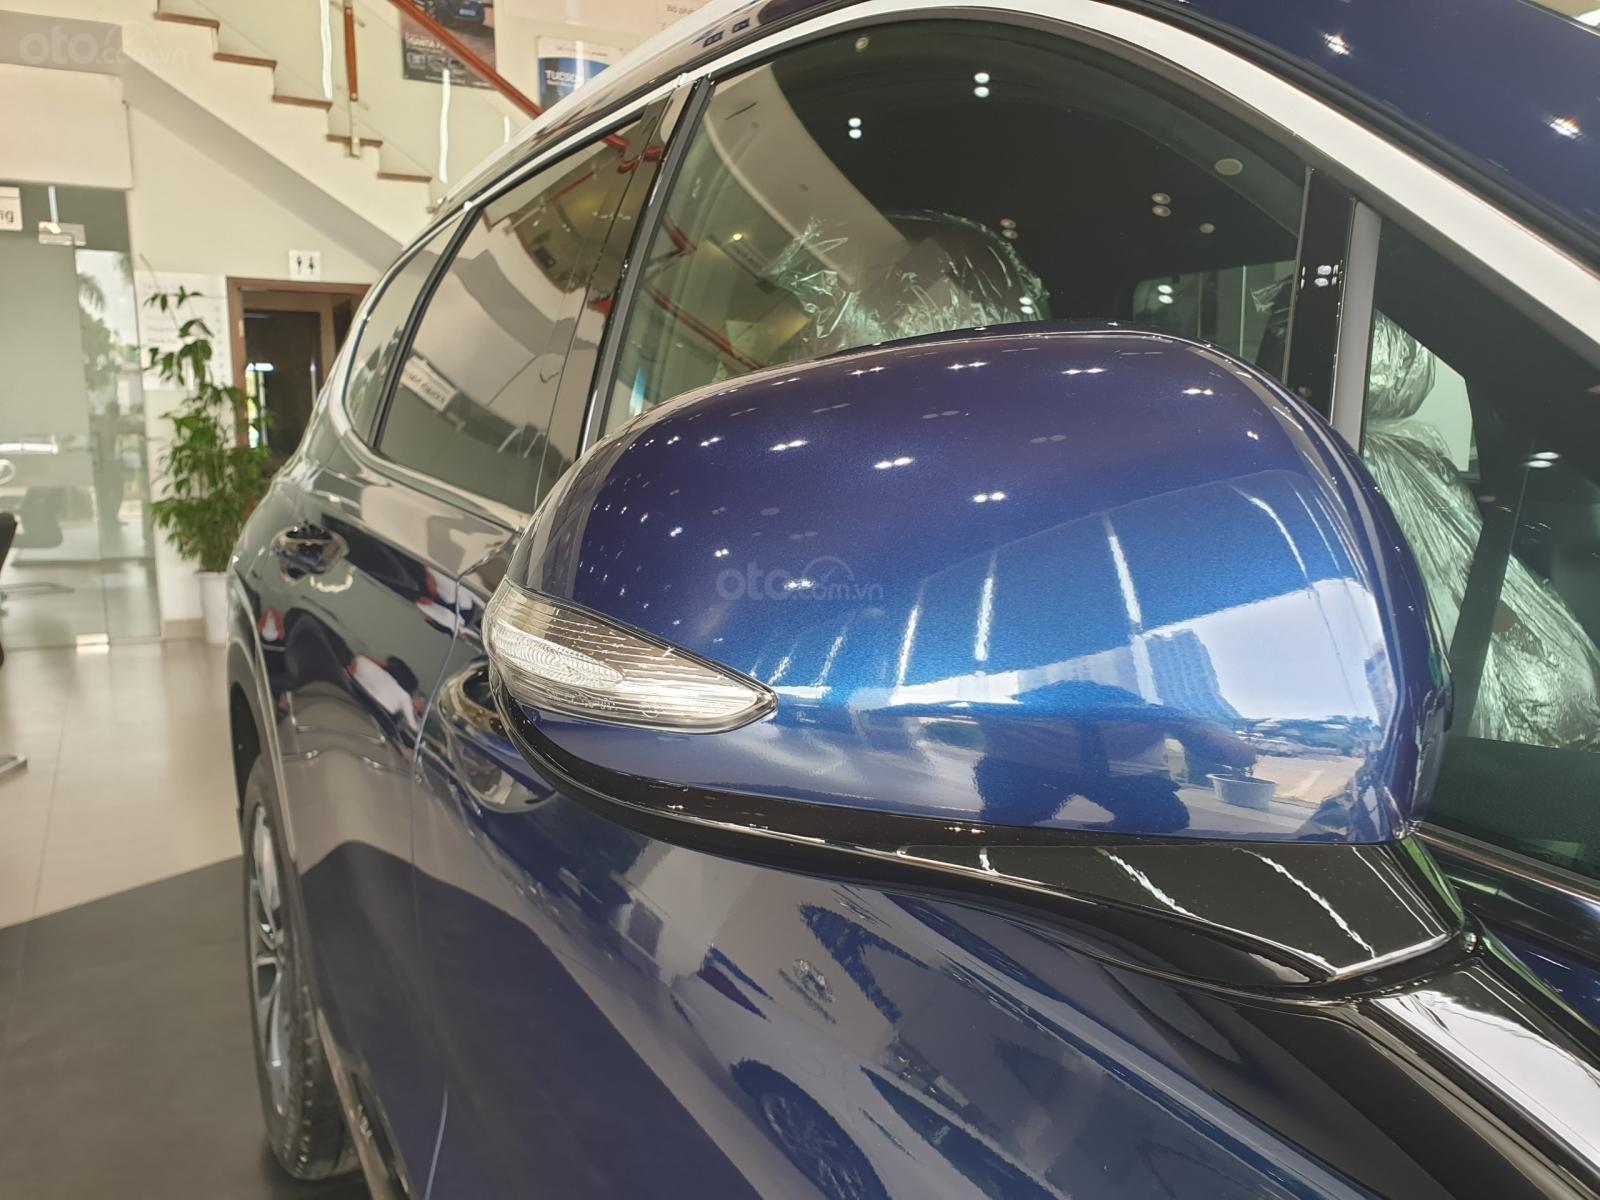 Hyundai Santa Fe, máy dầu, giá cực ưu đãi cho tháng 10 này, giảm trực tiếp tiền mặt lên đến 40tr rẻ nhất Bắc Ninh (4)